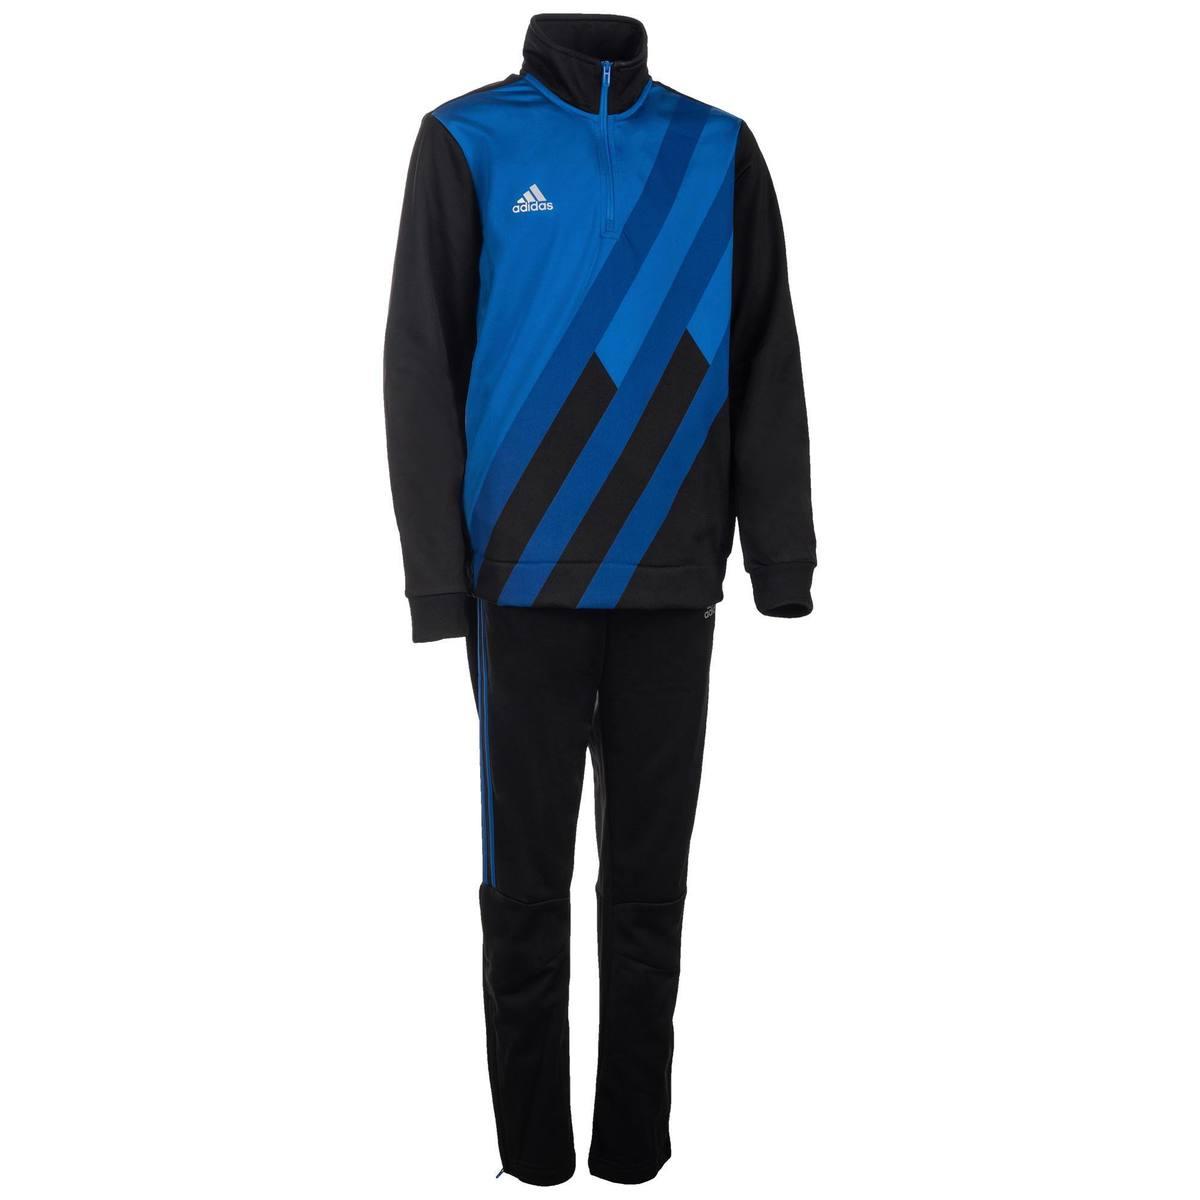 Bild 1 von Trainingsanzug Gym Kinder blau